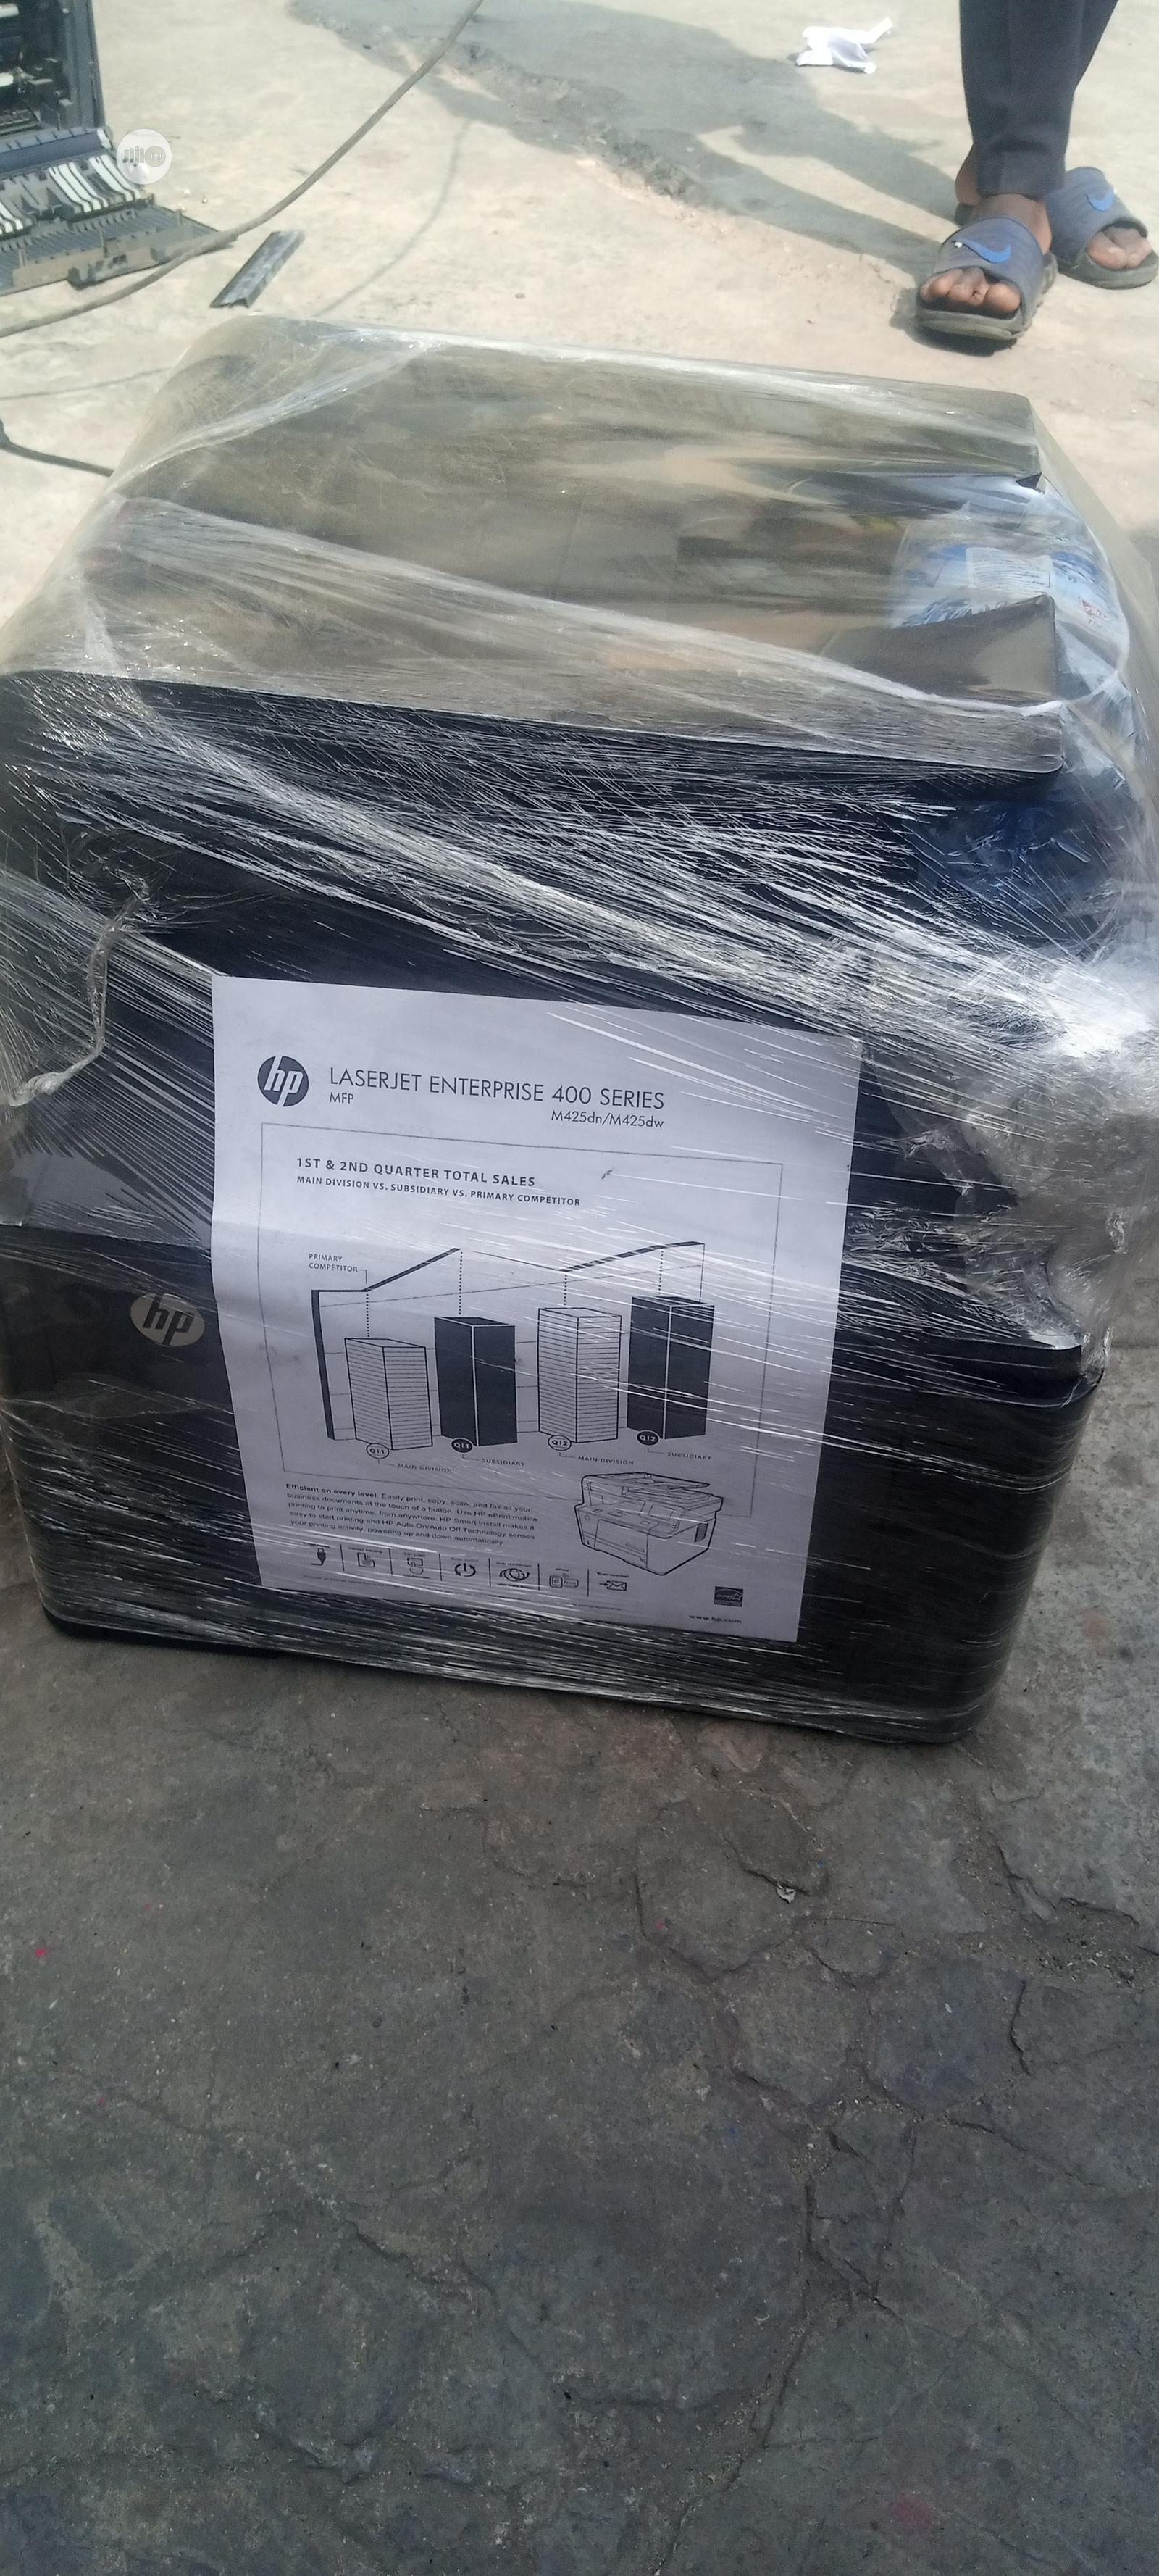 HP Laserjet Pro 400 3in1 Black And White